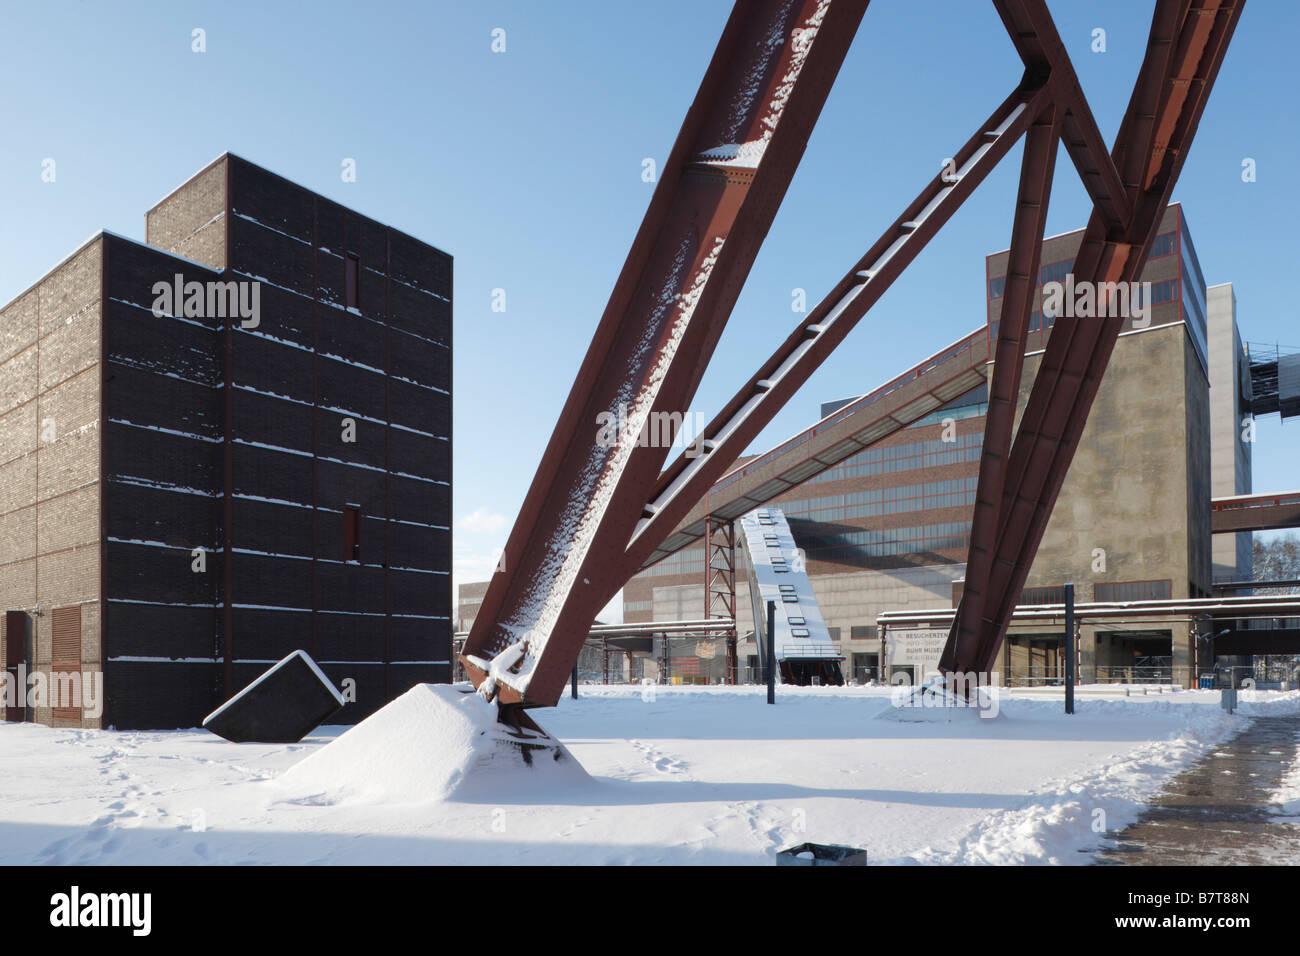 Essen, Zeche Zollverein im Schnee, Zentraler Schacht XII, Förderturm und Kohlenwäsche - Stock Image